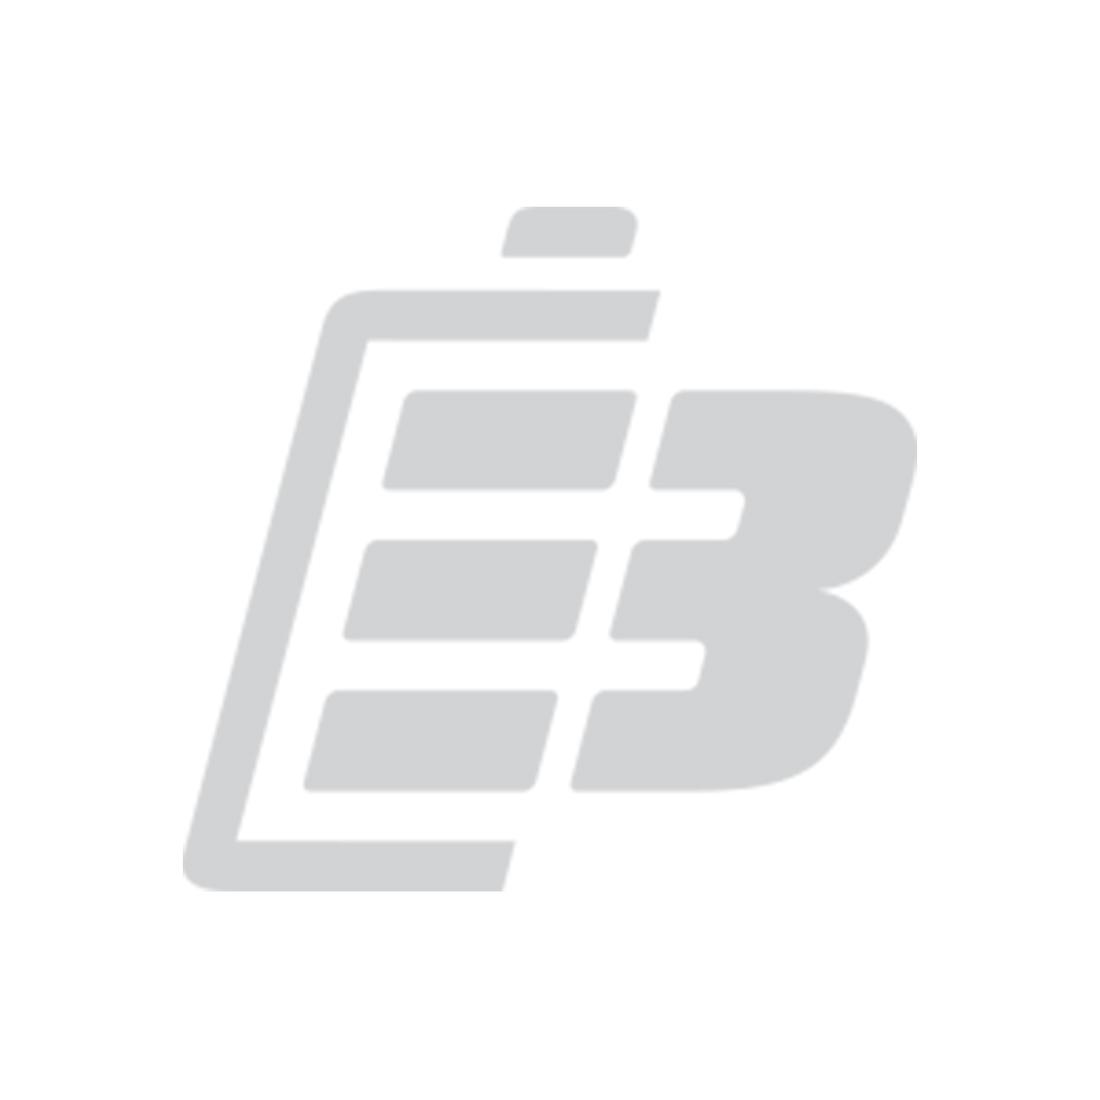 Μπαταρία βιντεοκάμερας Hitachi DZ-BP07S_1